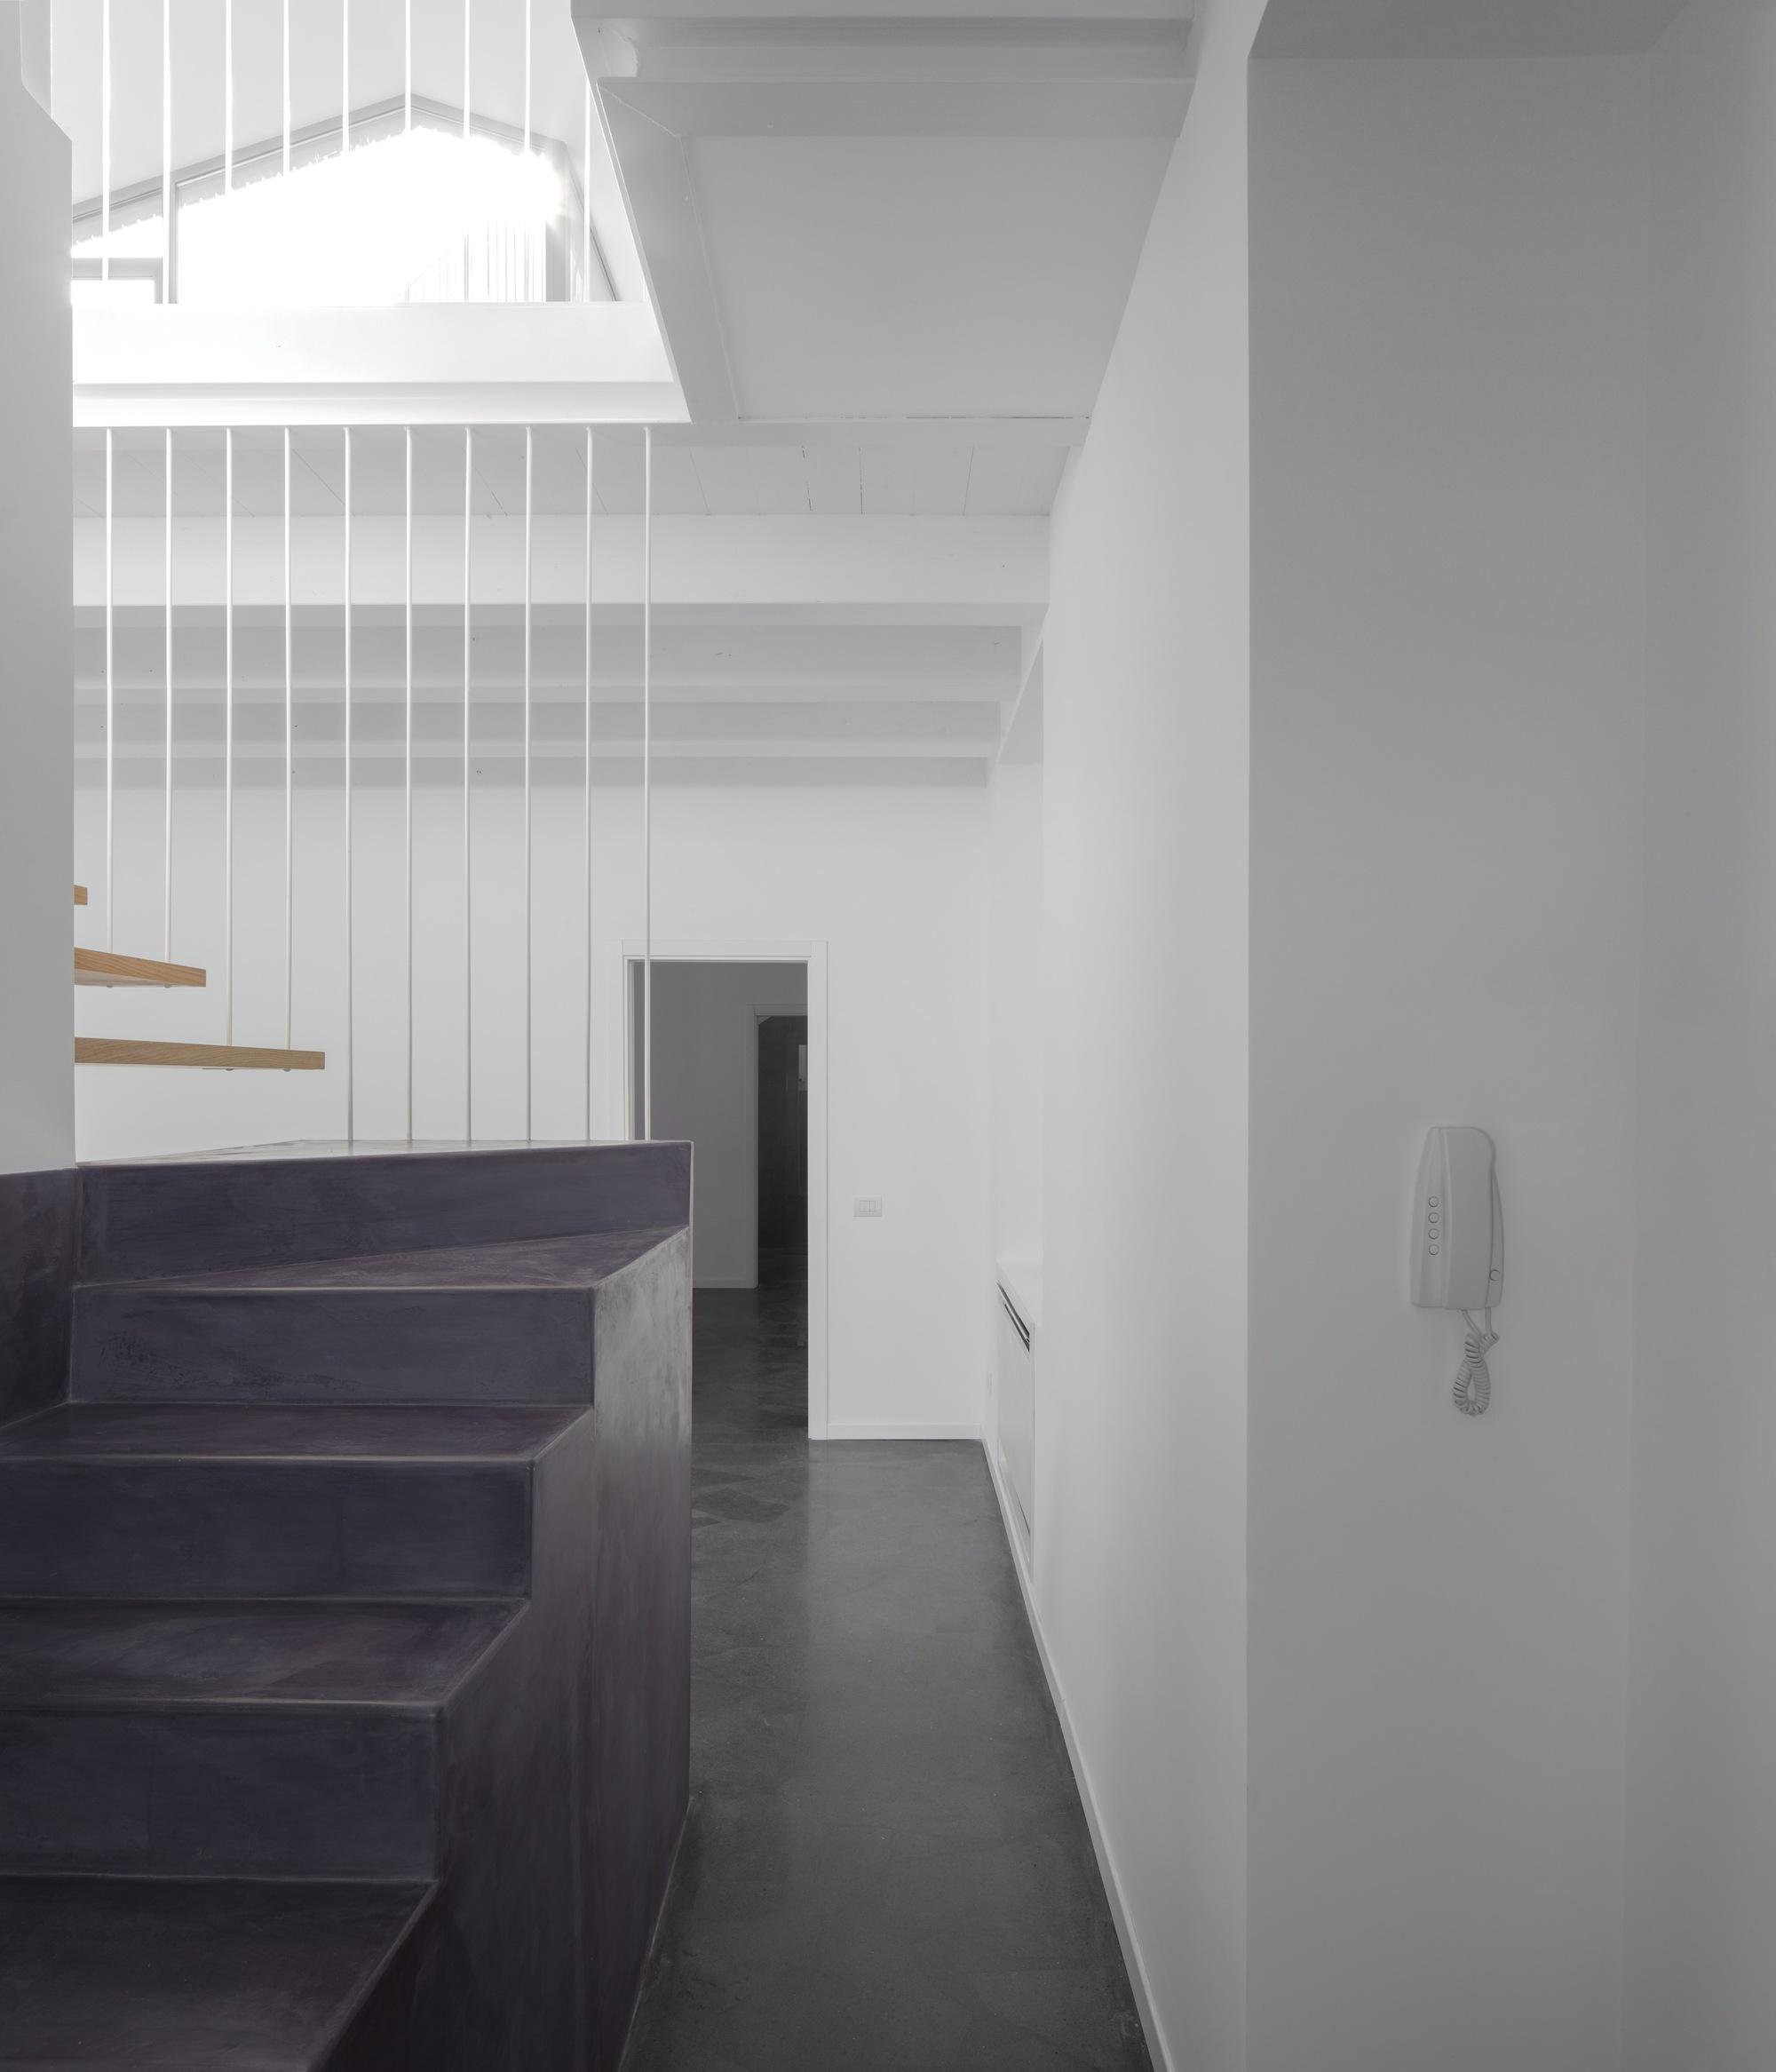 Casa SG / Tuttiarchitetti (12)